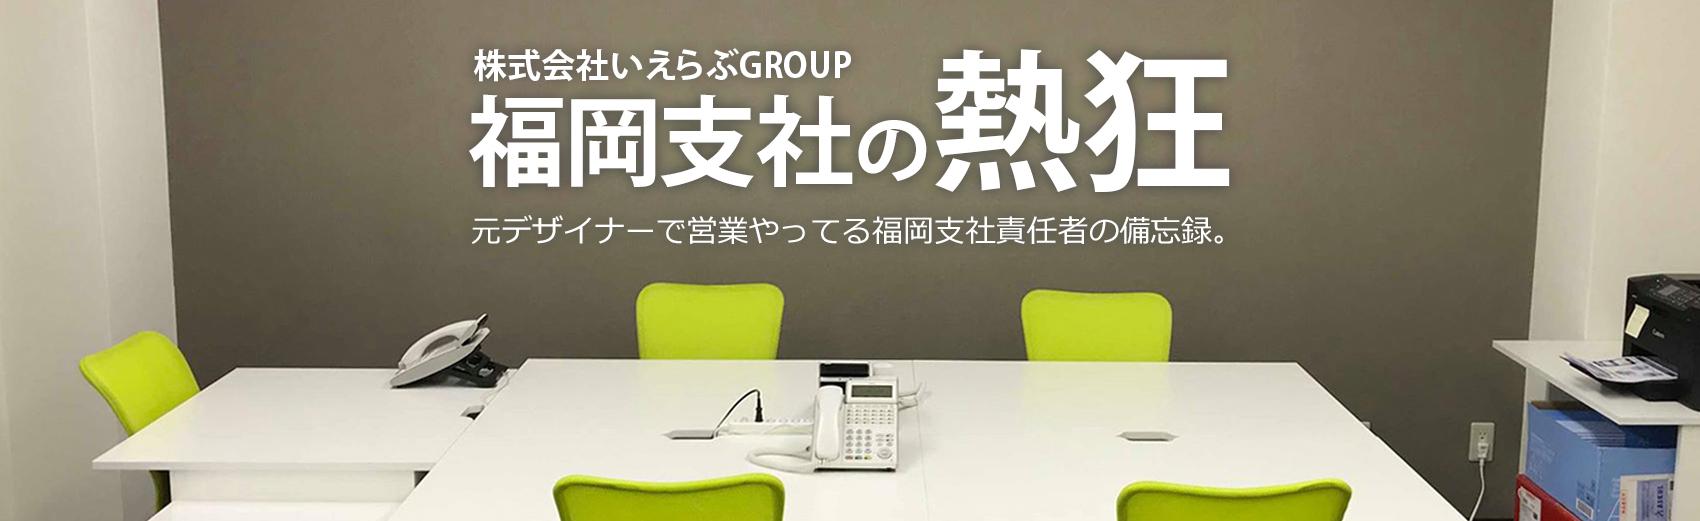 株式会社いえらぶGROUP福岡支社の熱狂